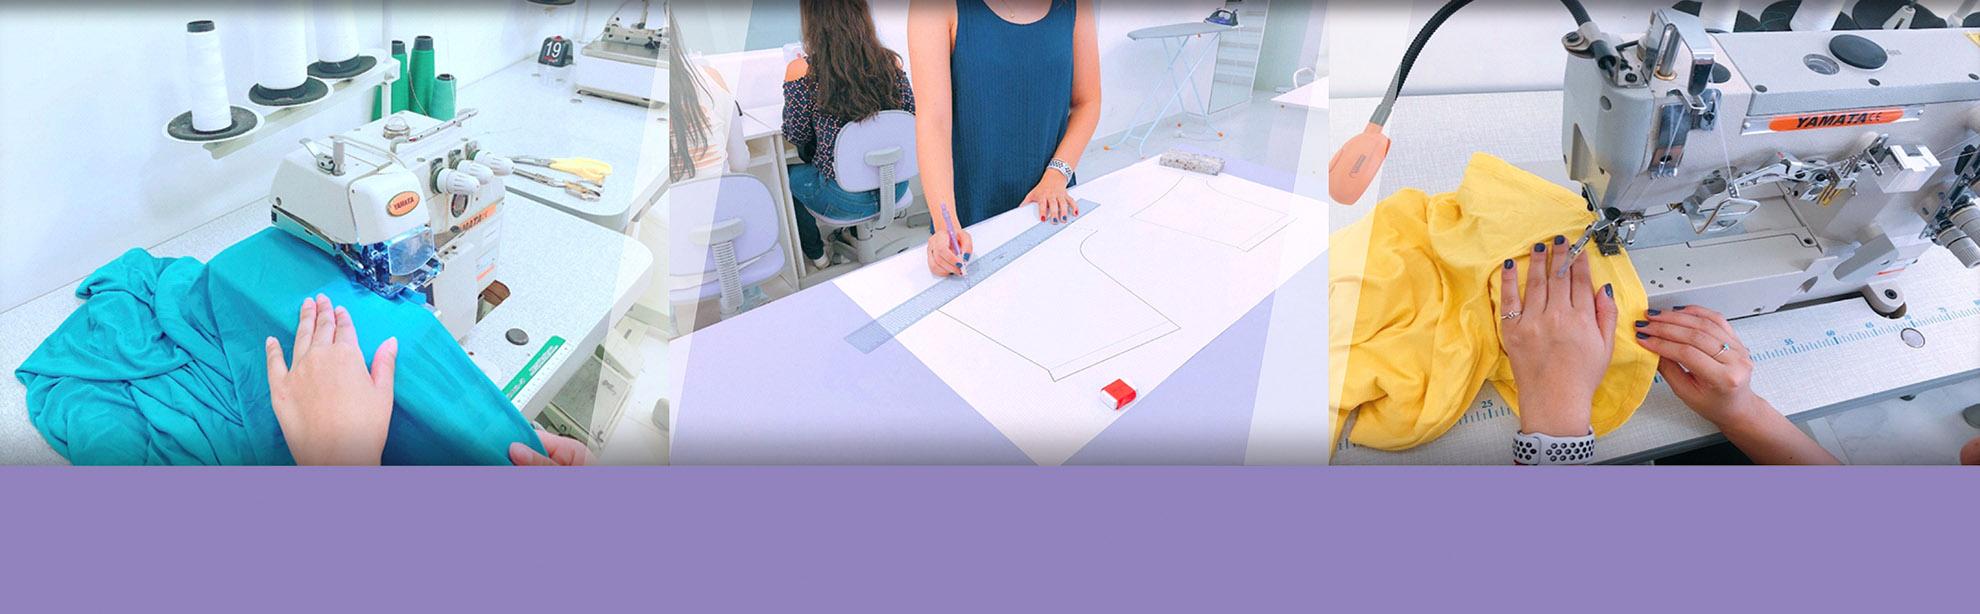 0707f62d9 Escola de Moda Profissional - Curso de modelagem para malharia